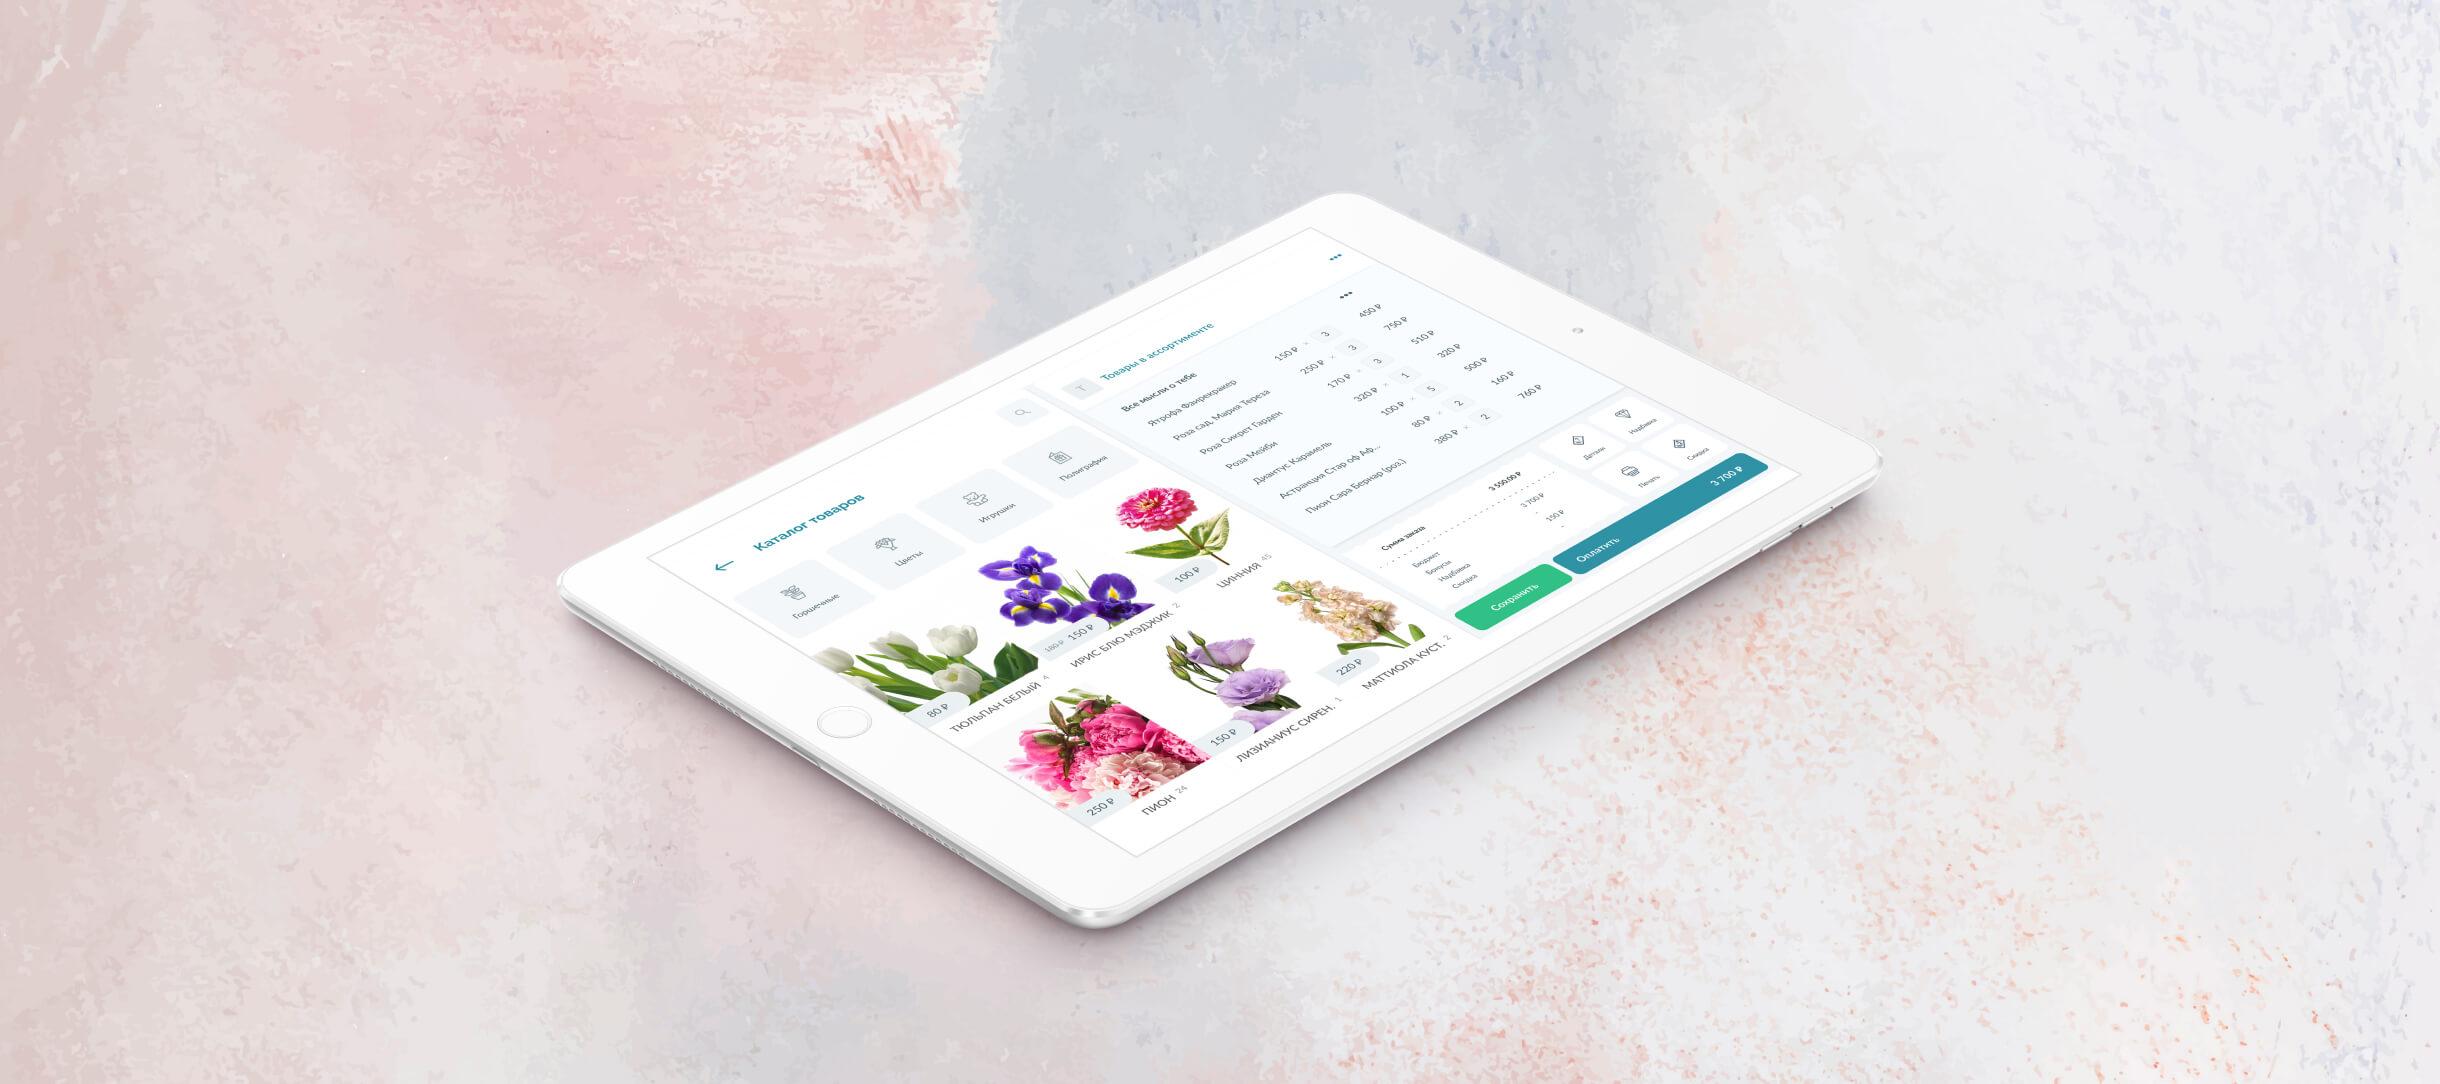 Изображение планшета с интерфейсом